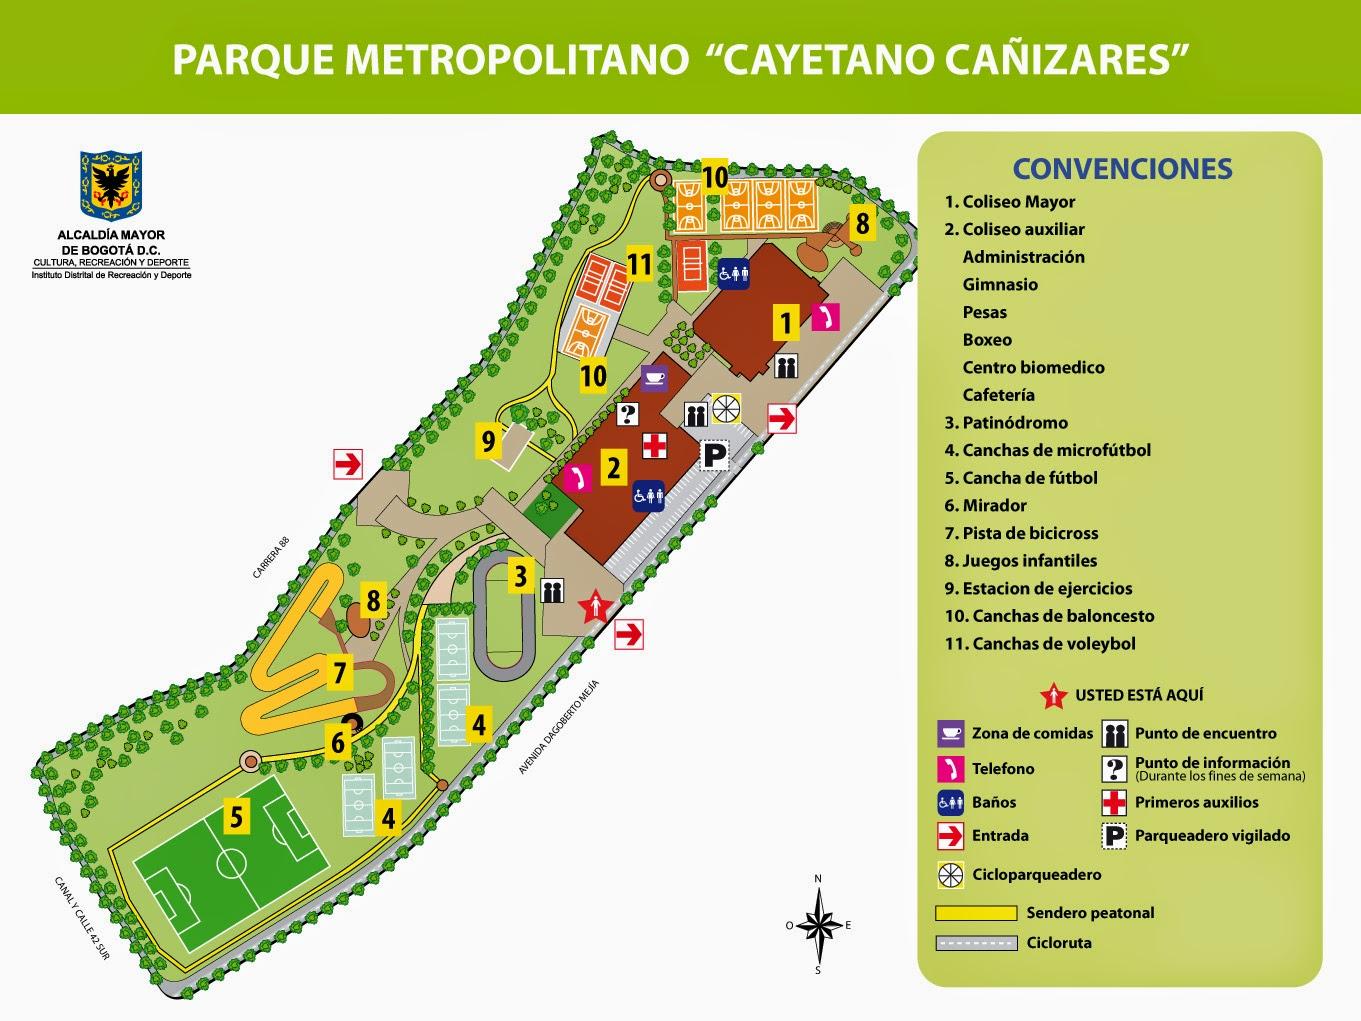 Parque metropolitano cayetano ca izares zona bogota dc for Arriendos en ciudad jardin sur bogota